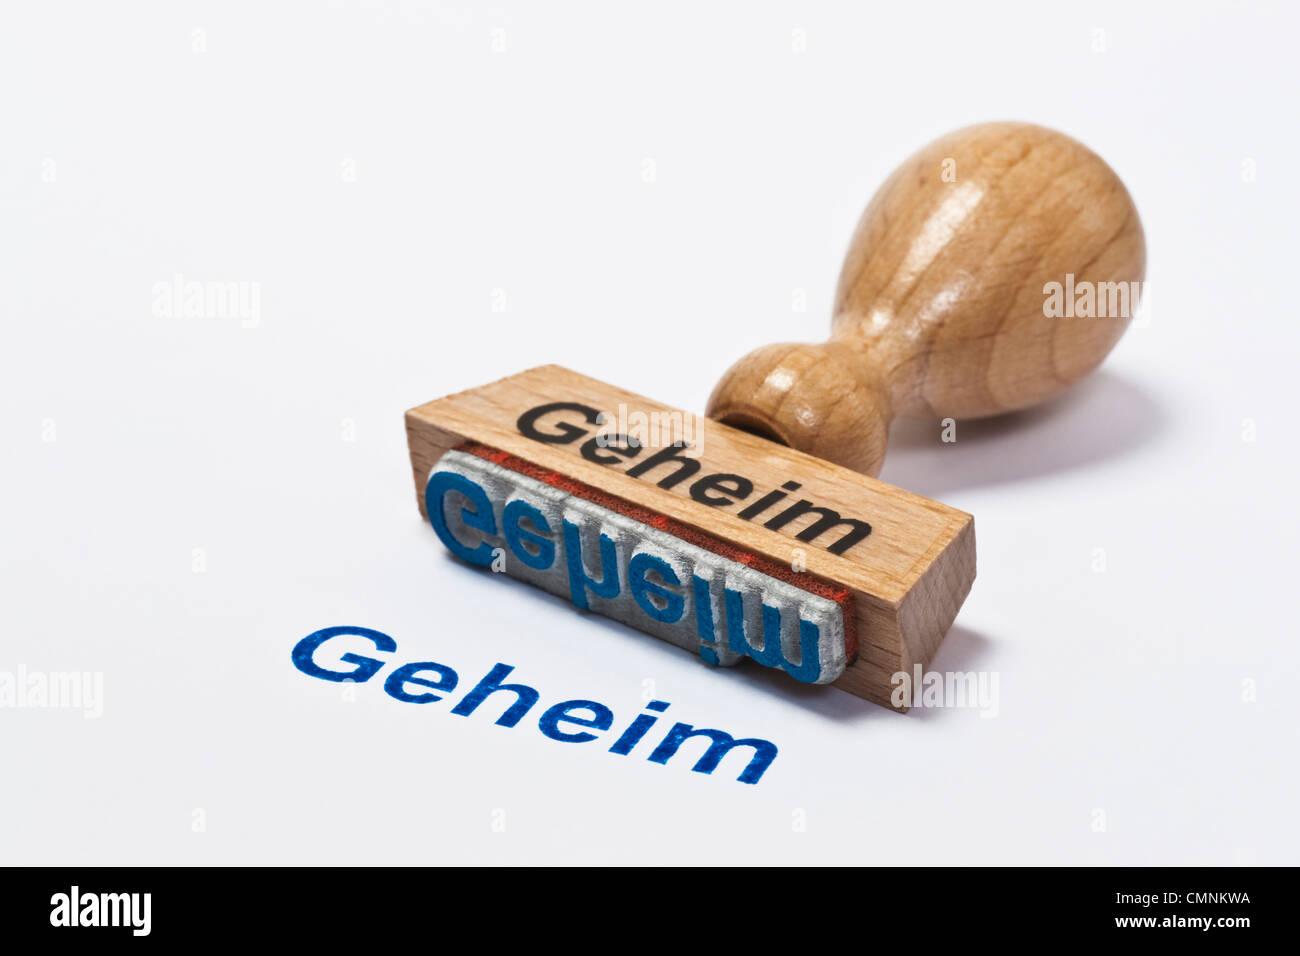 Detailansicht eines Stempels mit der Aufschrift Geheim   Detail photo of a stamp with inscription in German secret - Stock Image